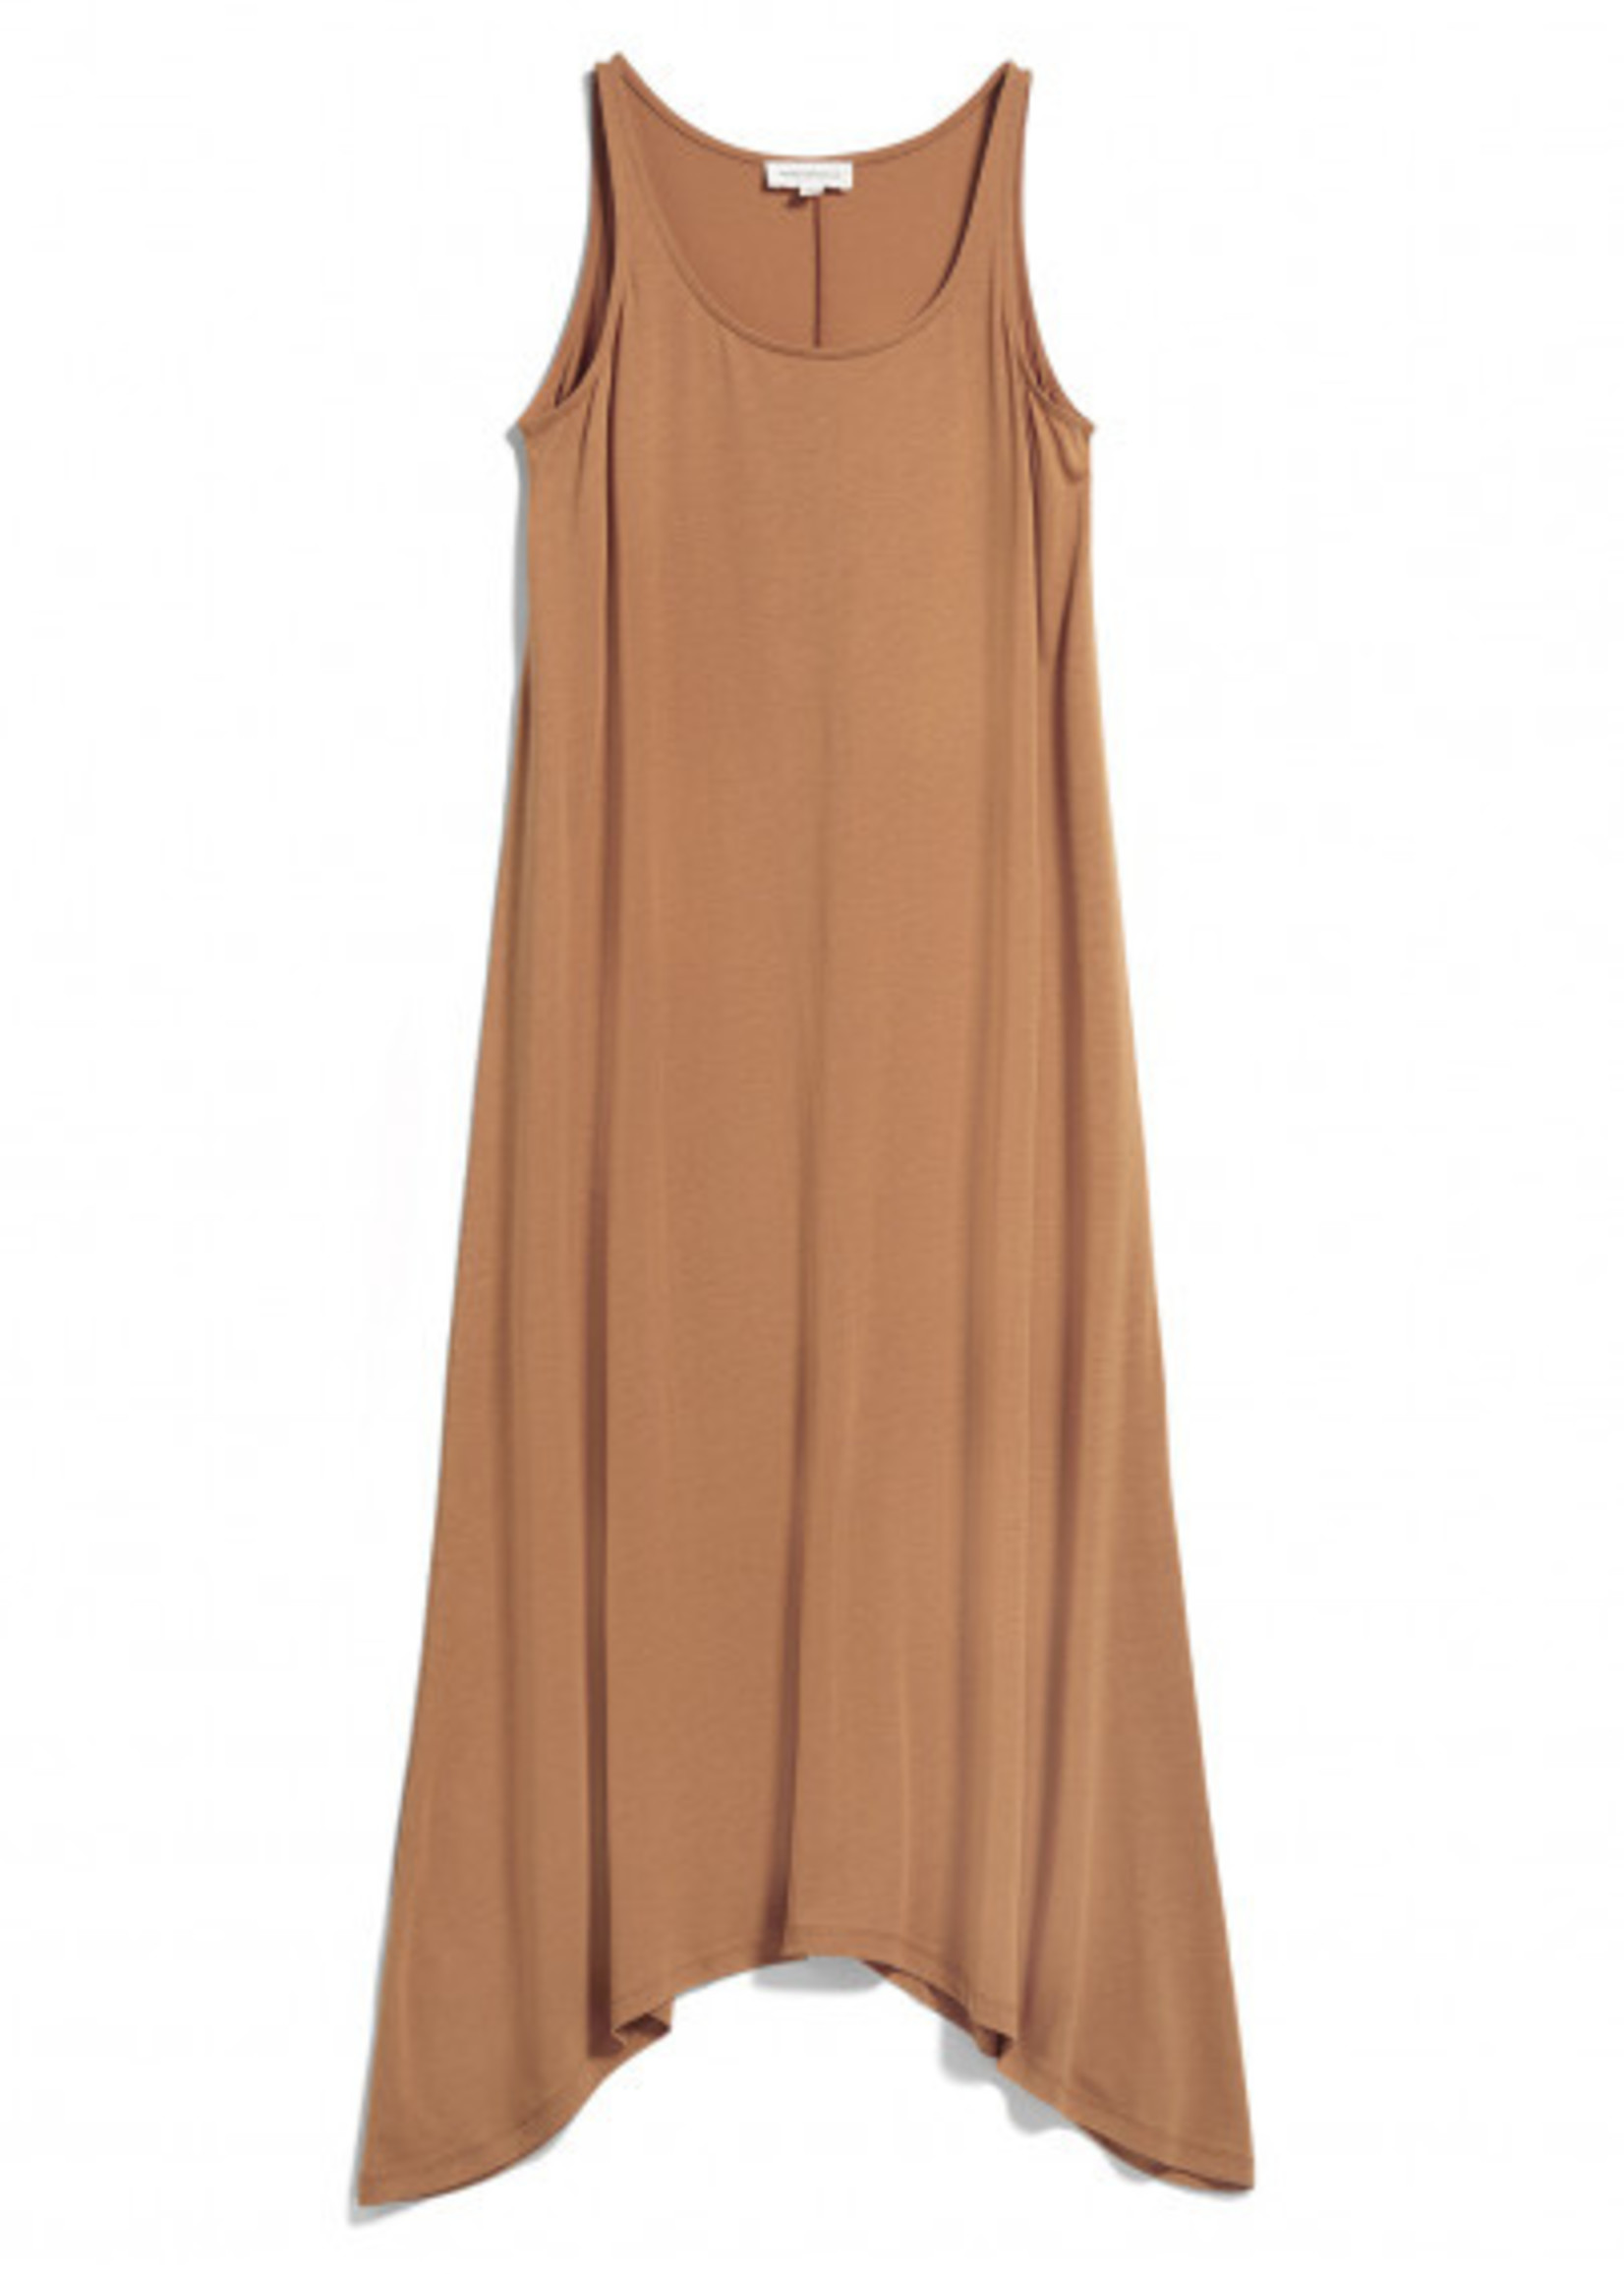 Armedangels Aamy Dress